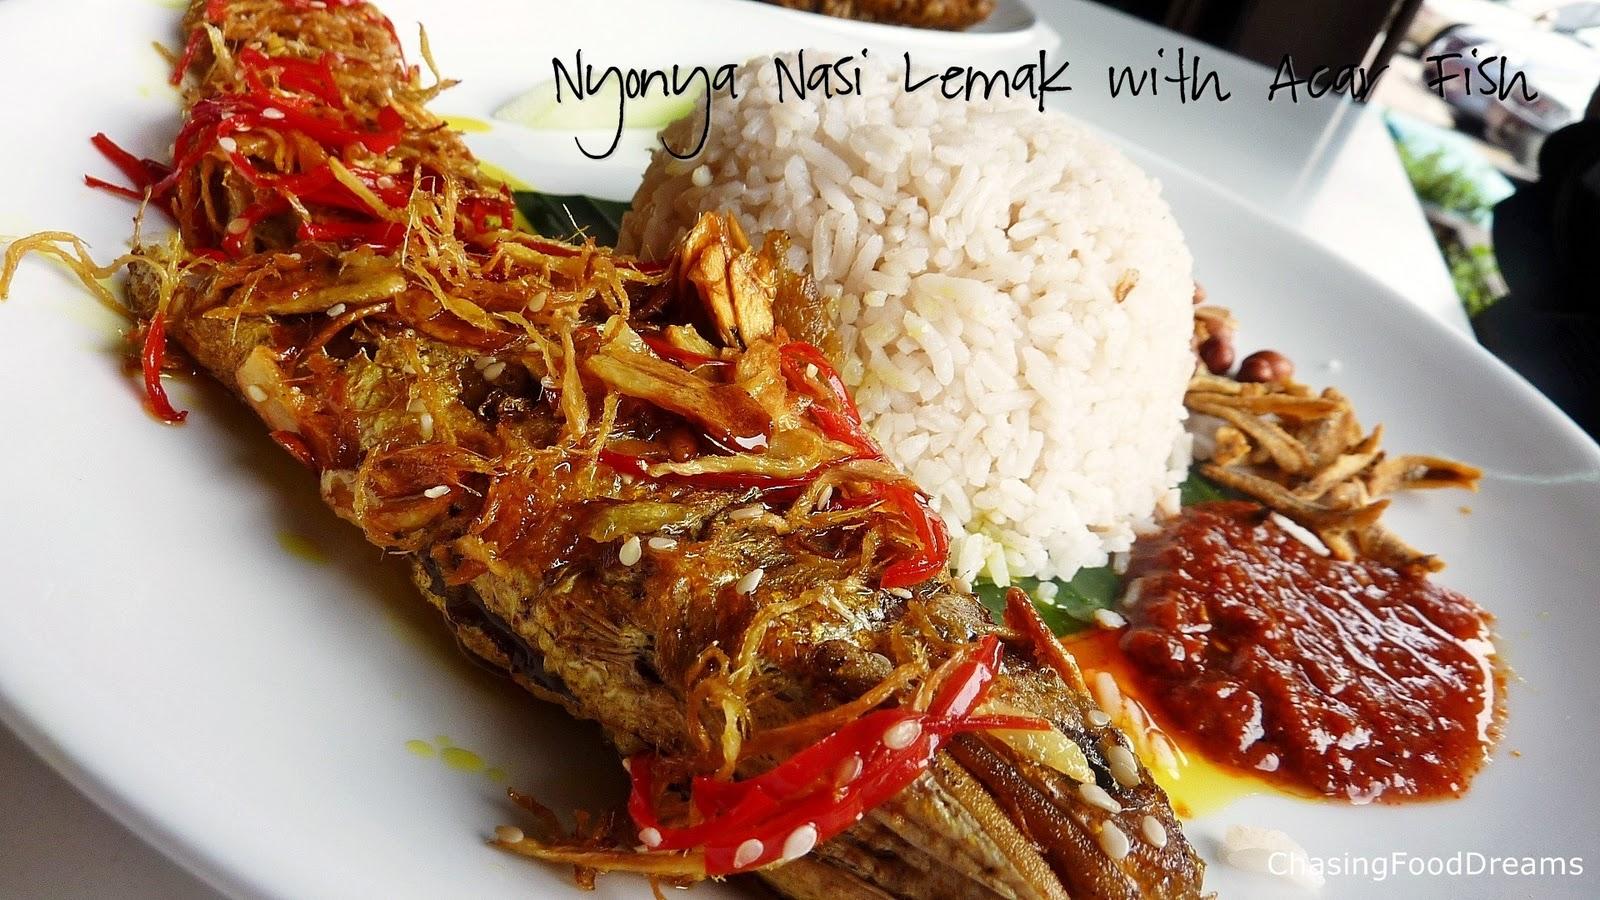 CHASING FOOD DREAMS: Heritage Village Aman Suria: Penang Nyonya Food